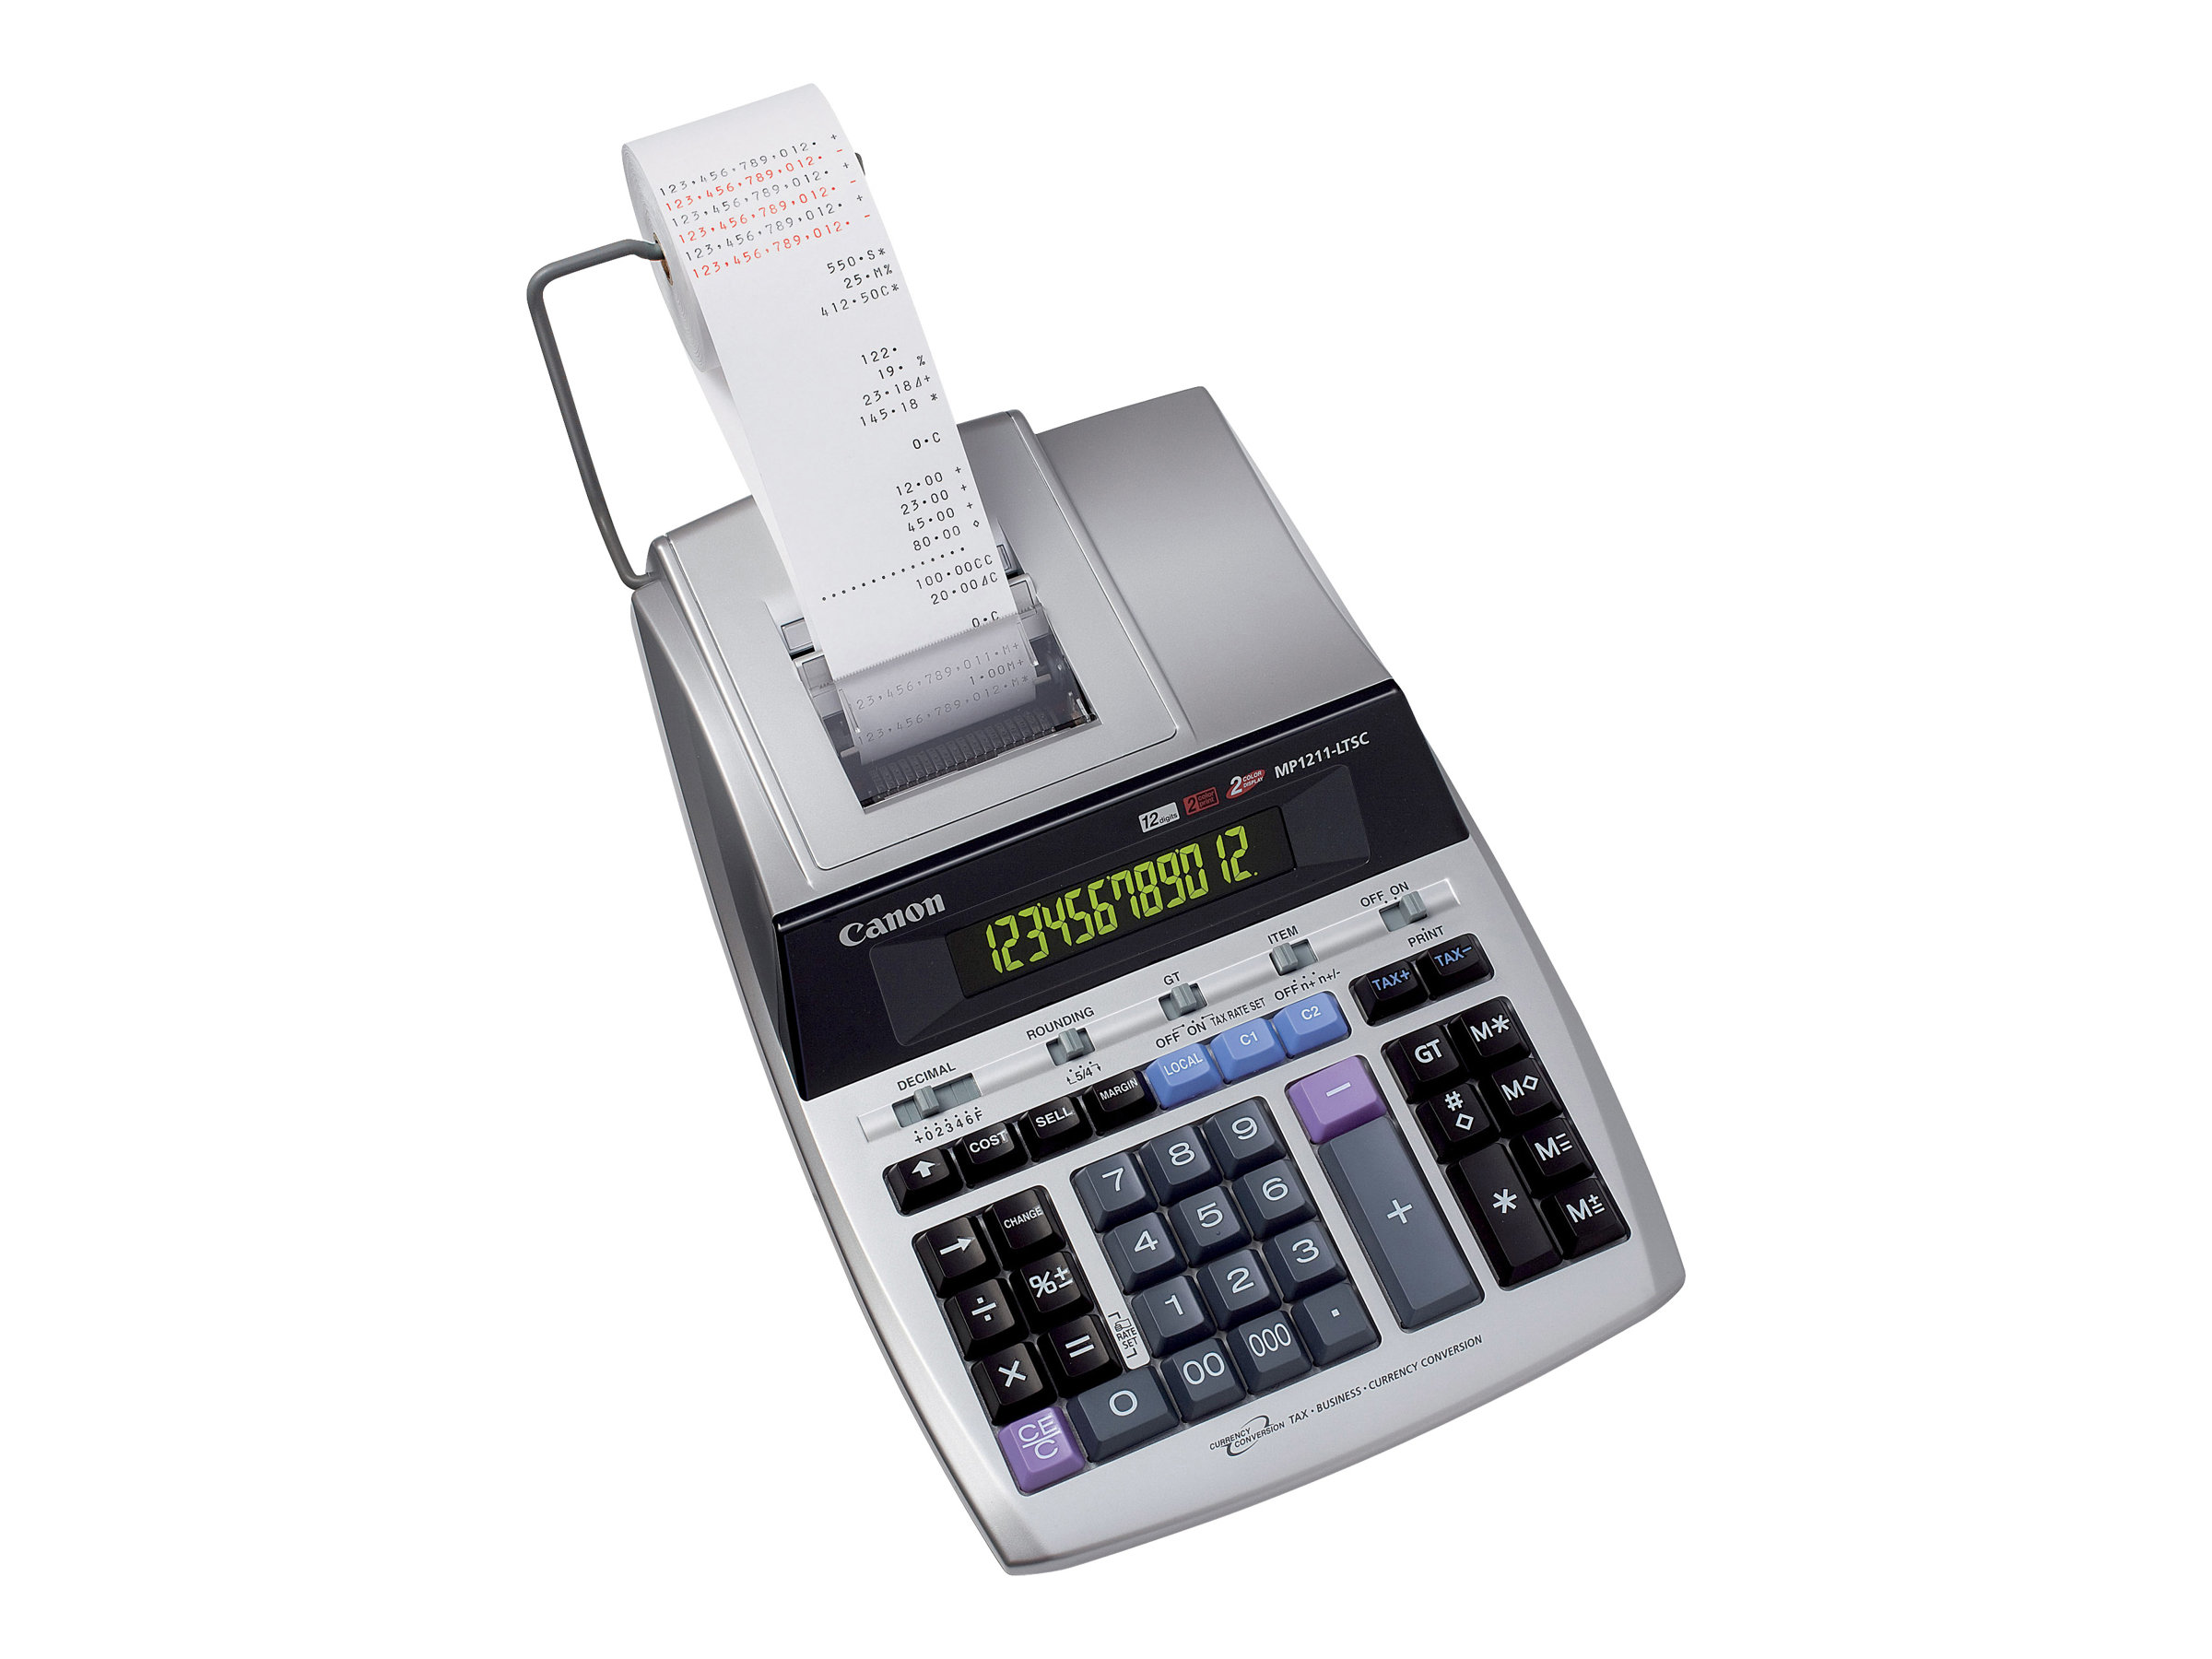 Canon MP1211-LTSC - Druckrechner - LCD - 12 Stellen - Wechselstromadapter, Speichersicherungsbatterie - Silver Metallic